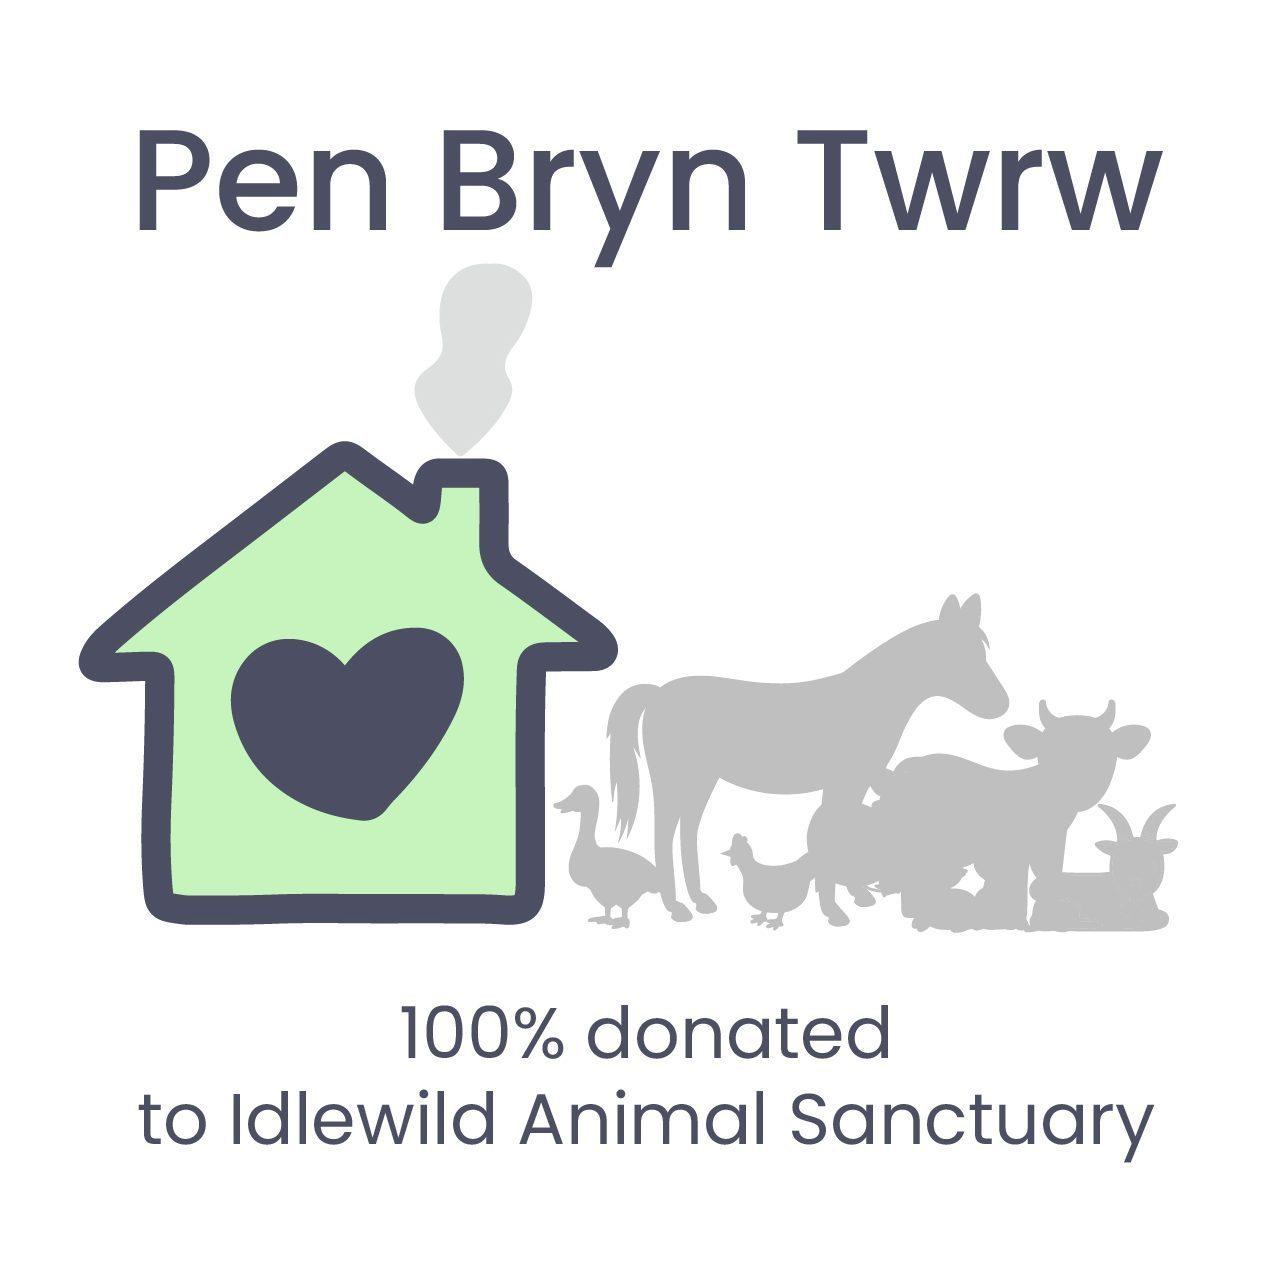 Pen Bryn Twrw